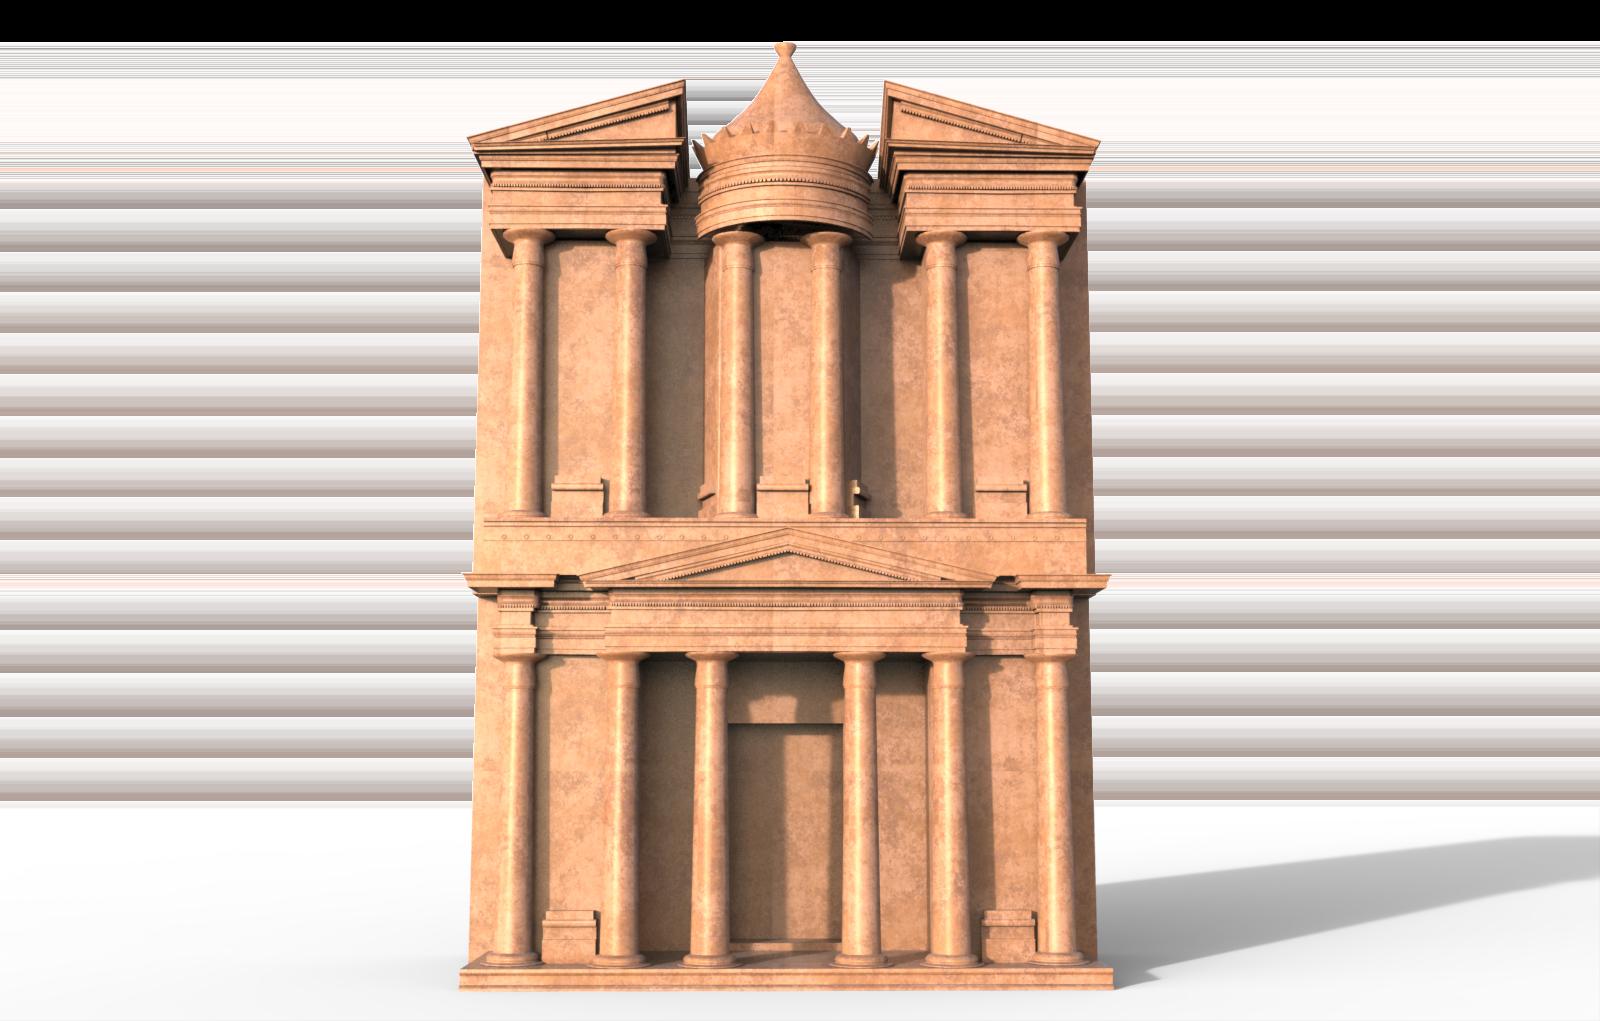 Petra Al Khazneh Or The Treasury At Petra Free 3d Model Max Obj 3ds Fbx Dwg Cgtrader Com